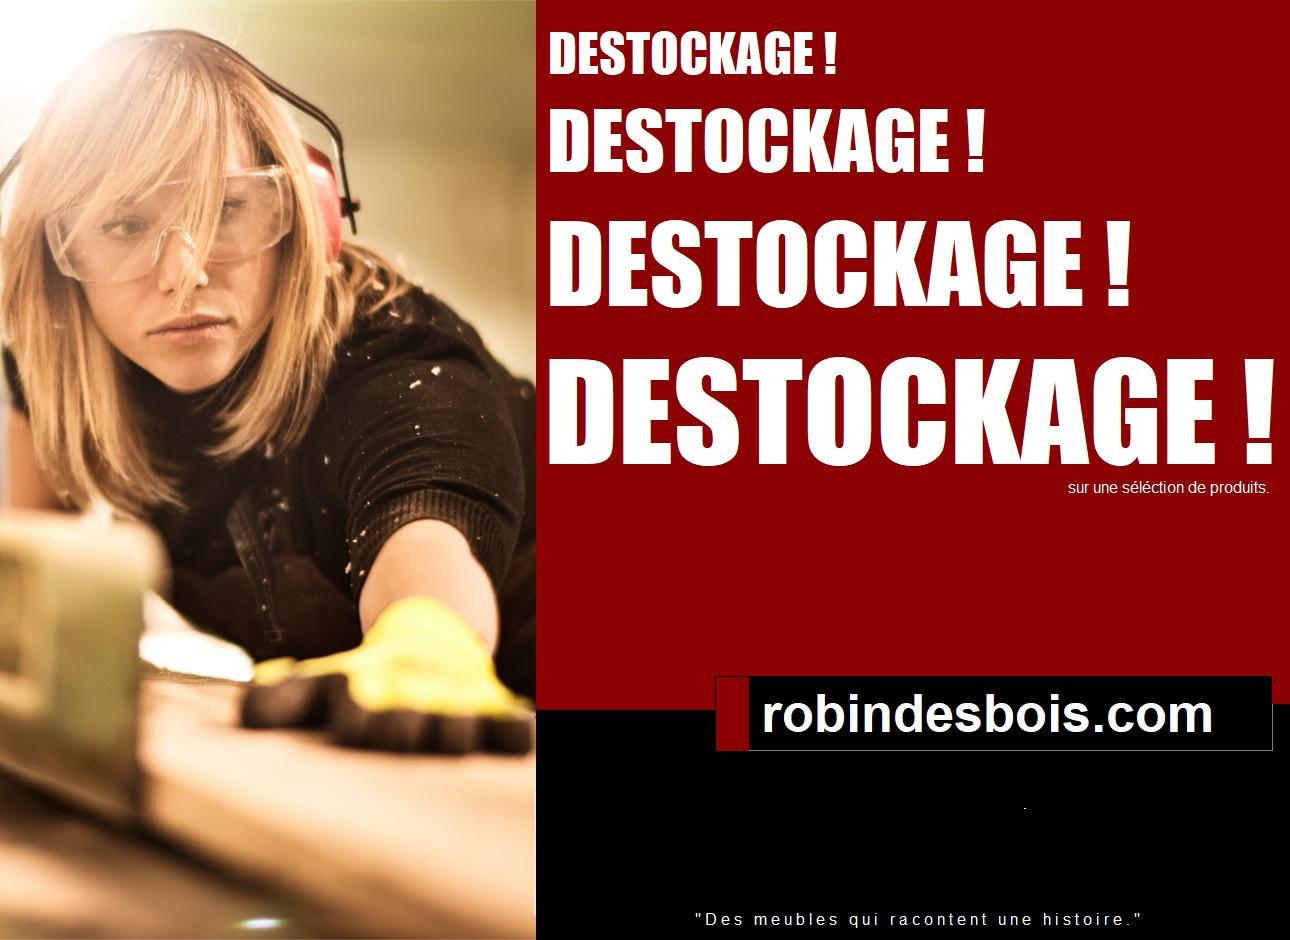 Destockage !